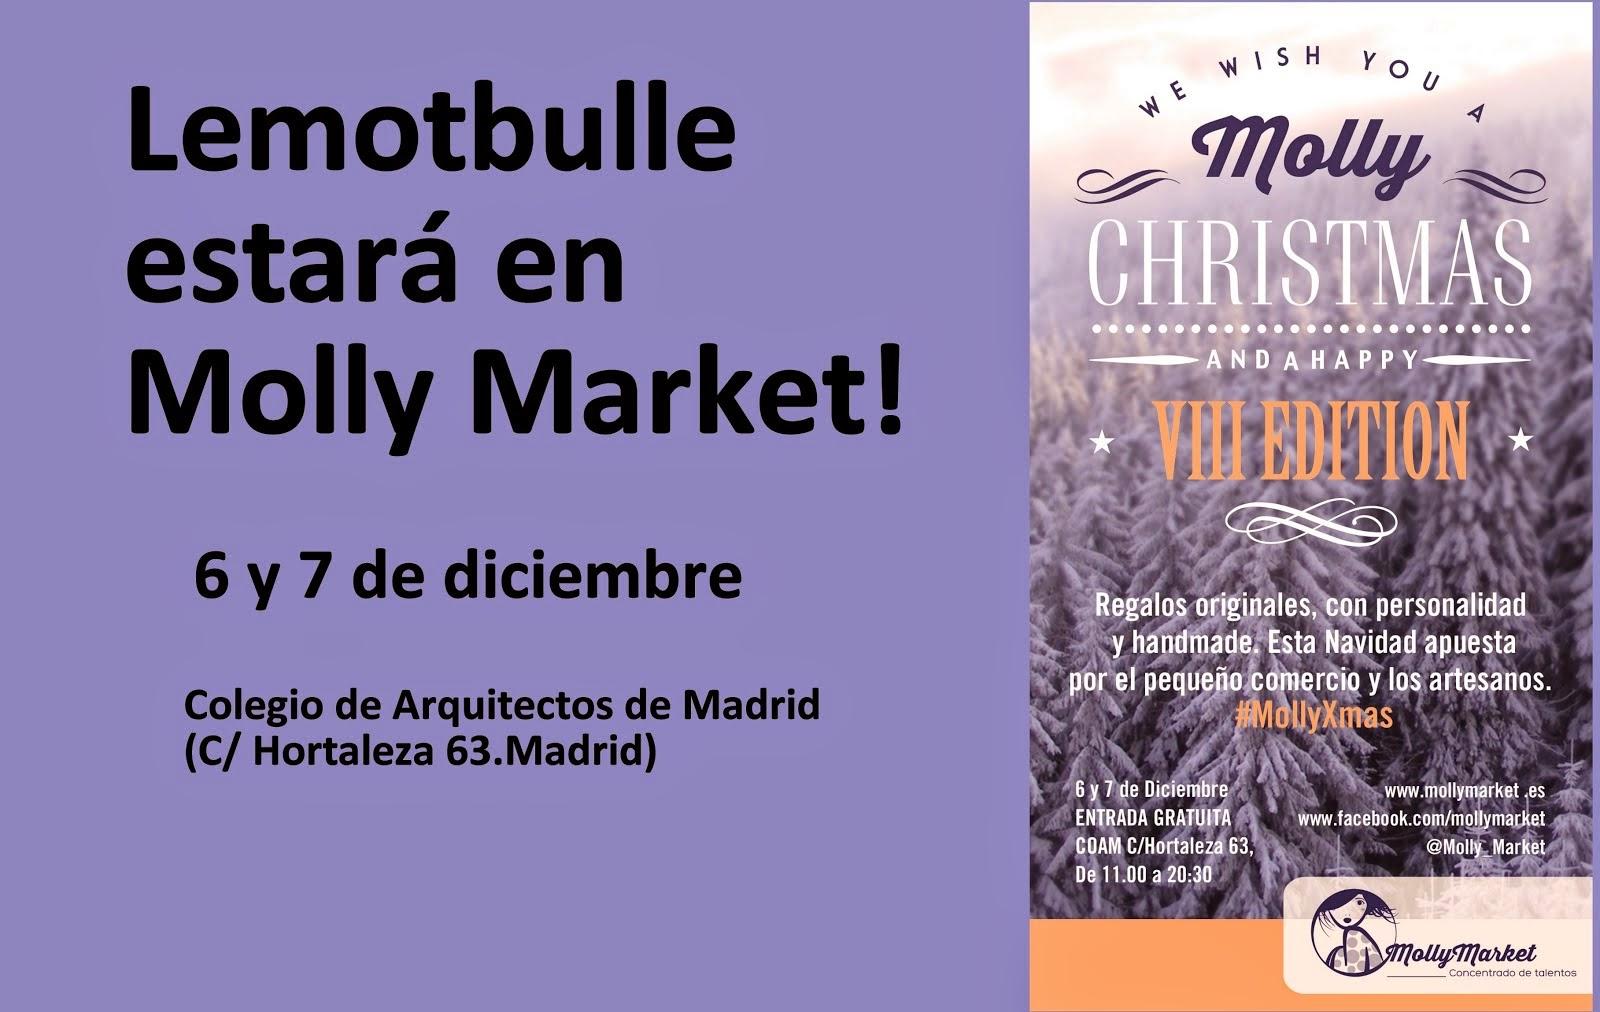 Molly Market estará lleno de poesía!